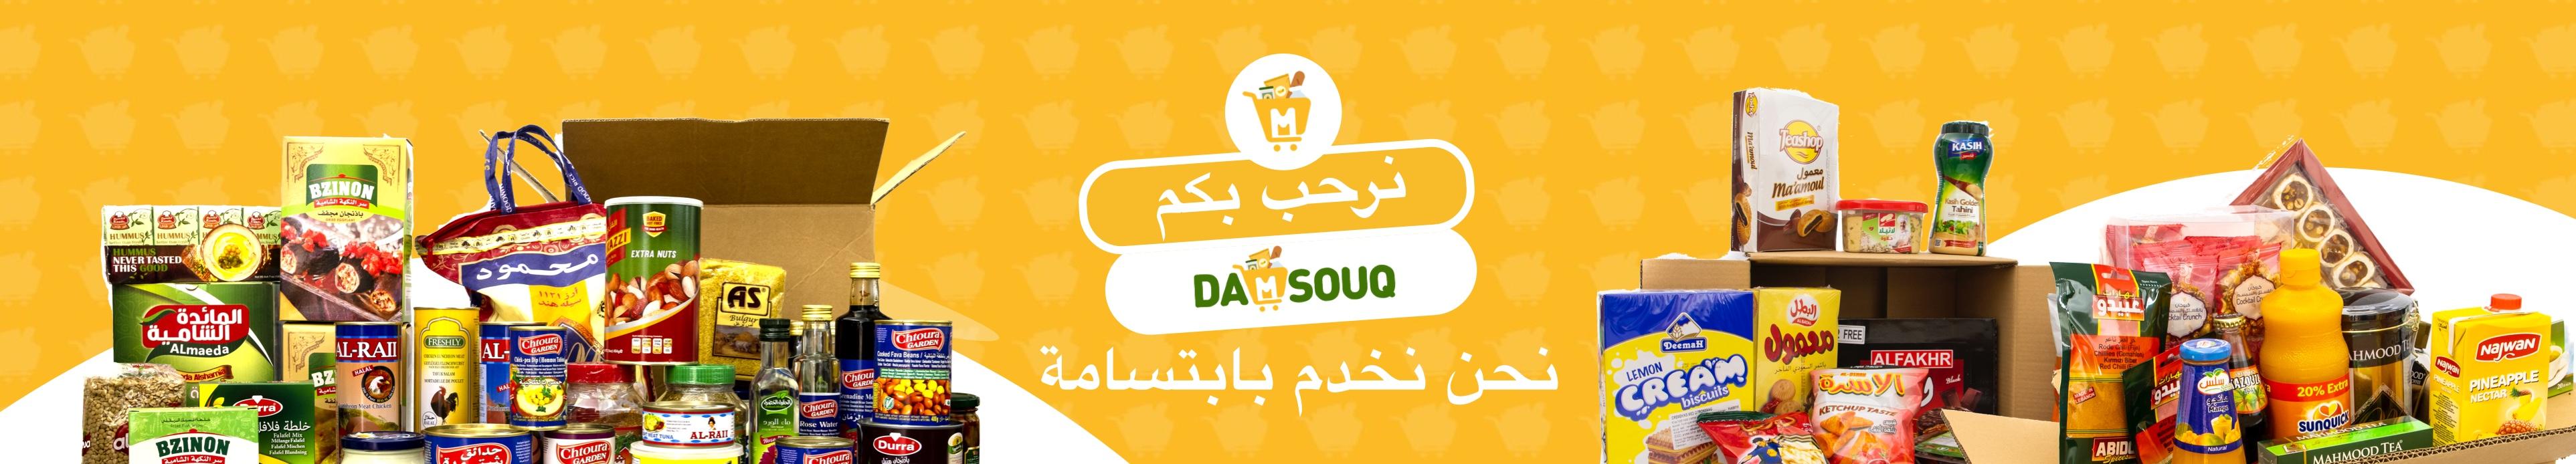 Header Damsouq 1